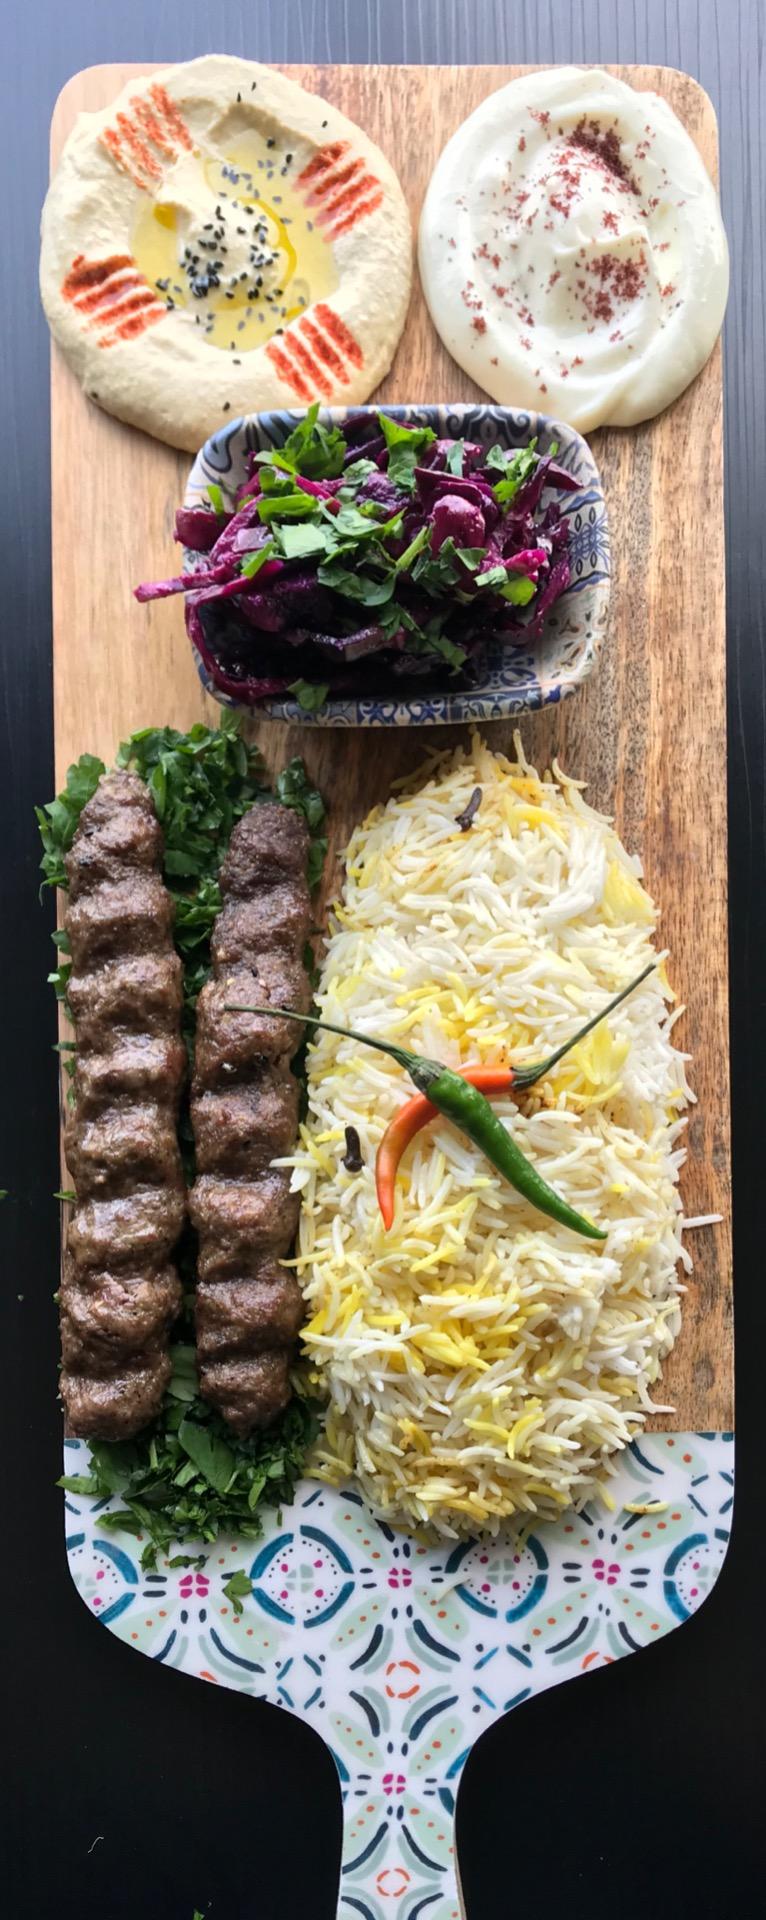 Beef Kufta Kebab Plate Image